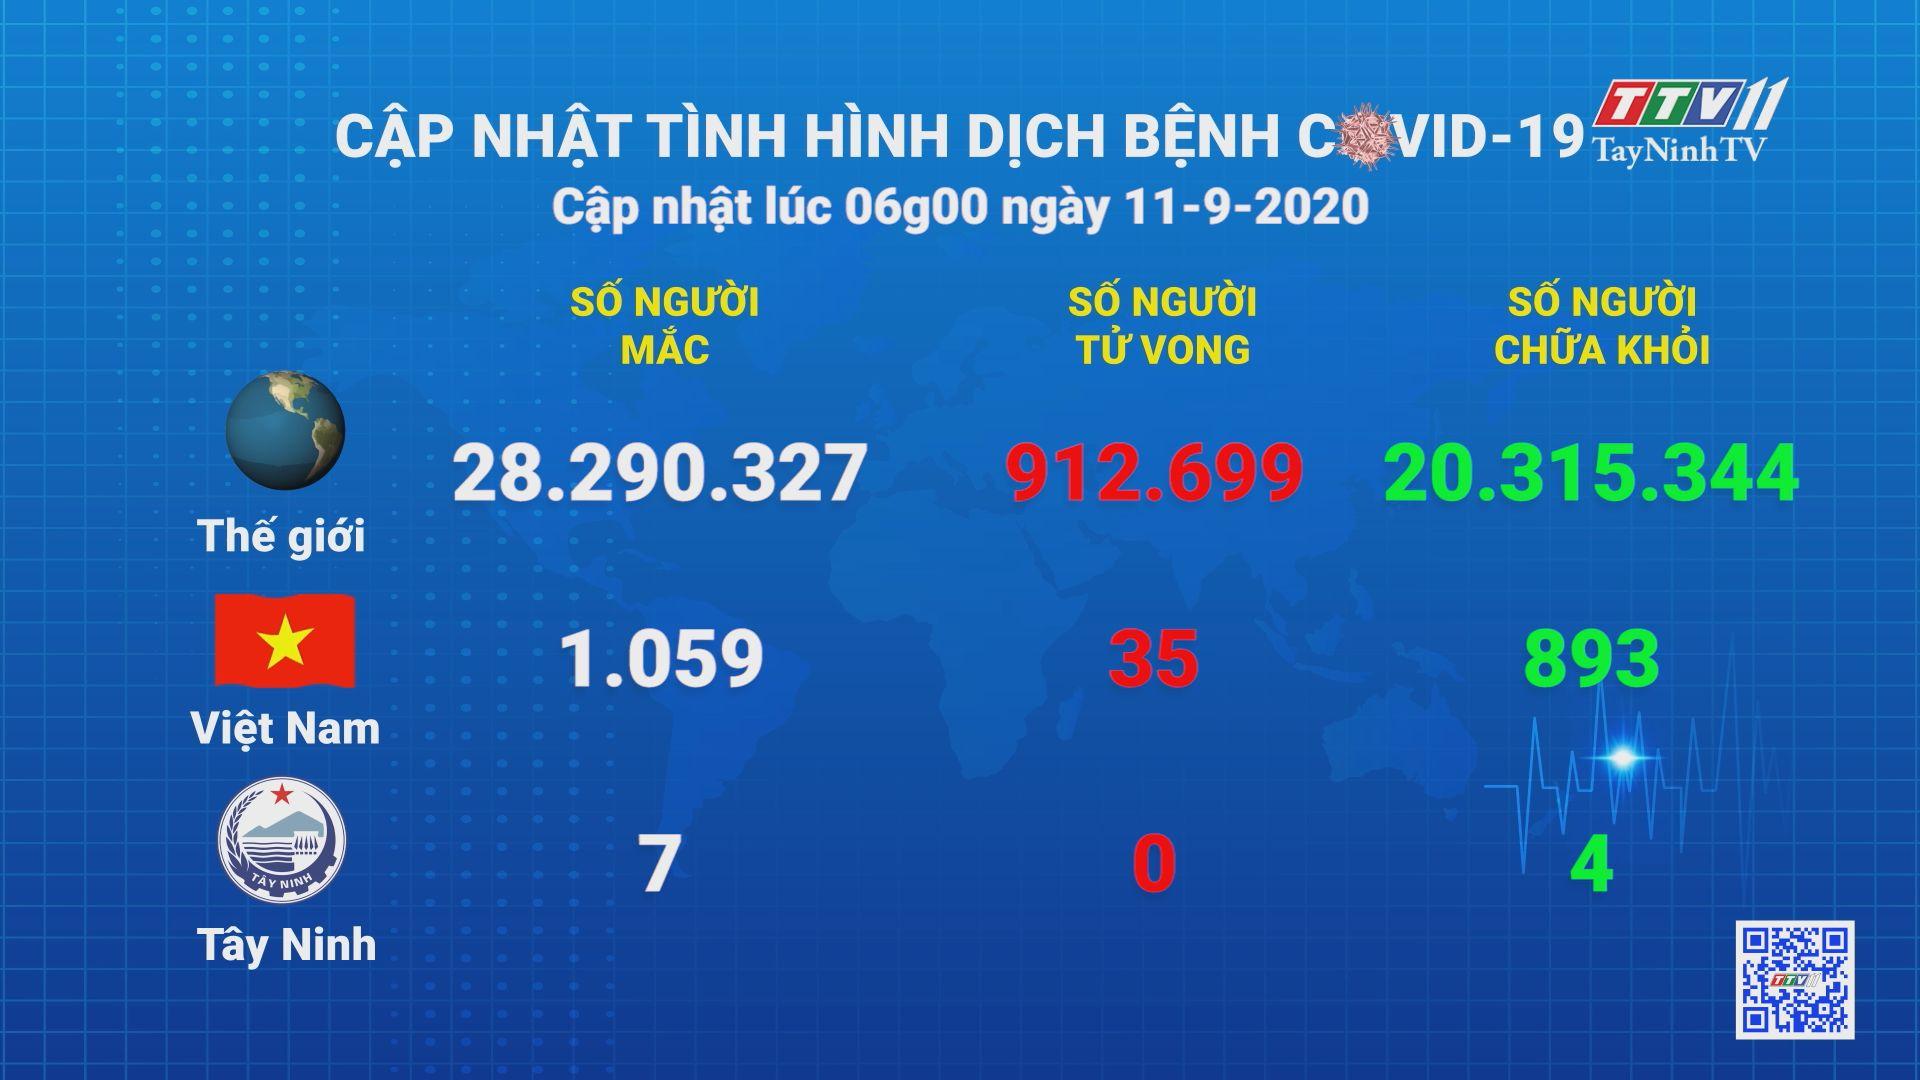 Cập nhật tình hình Covid-19 vào lúc 06 giờ 11-9-2020 | Thông tin dịch Covid-19 | TayNinhTV